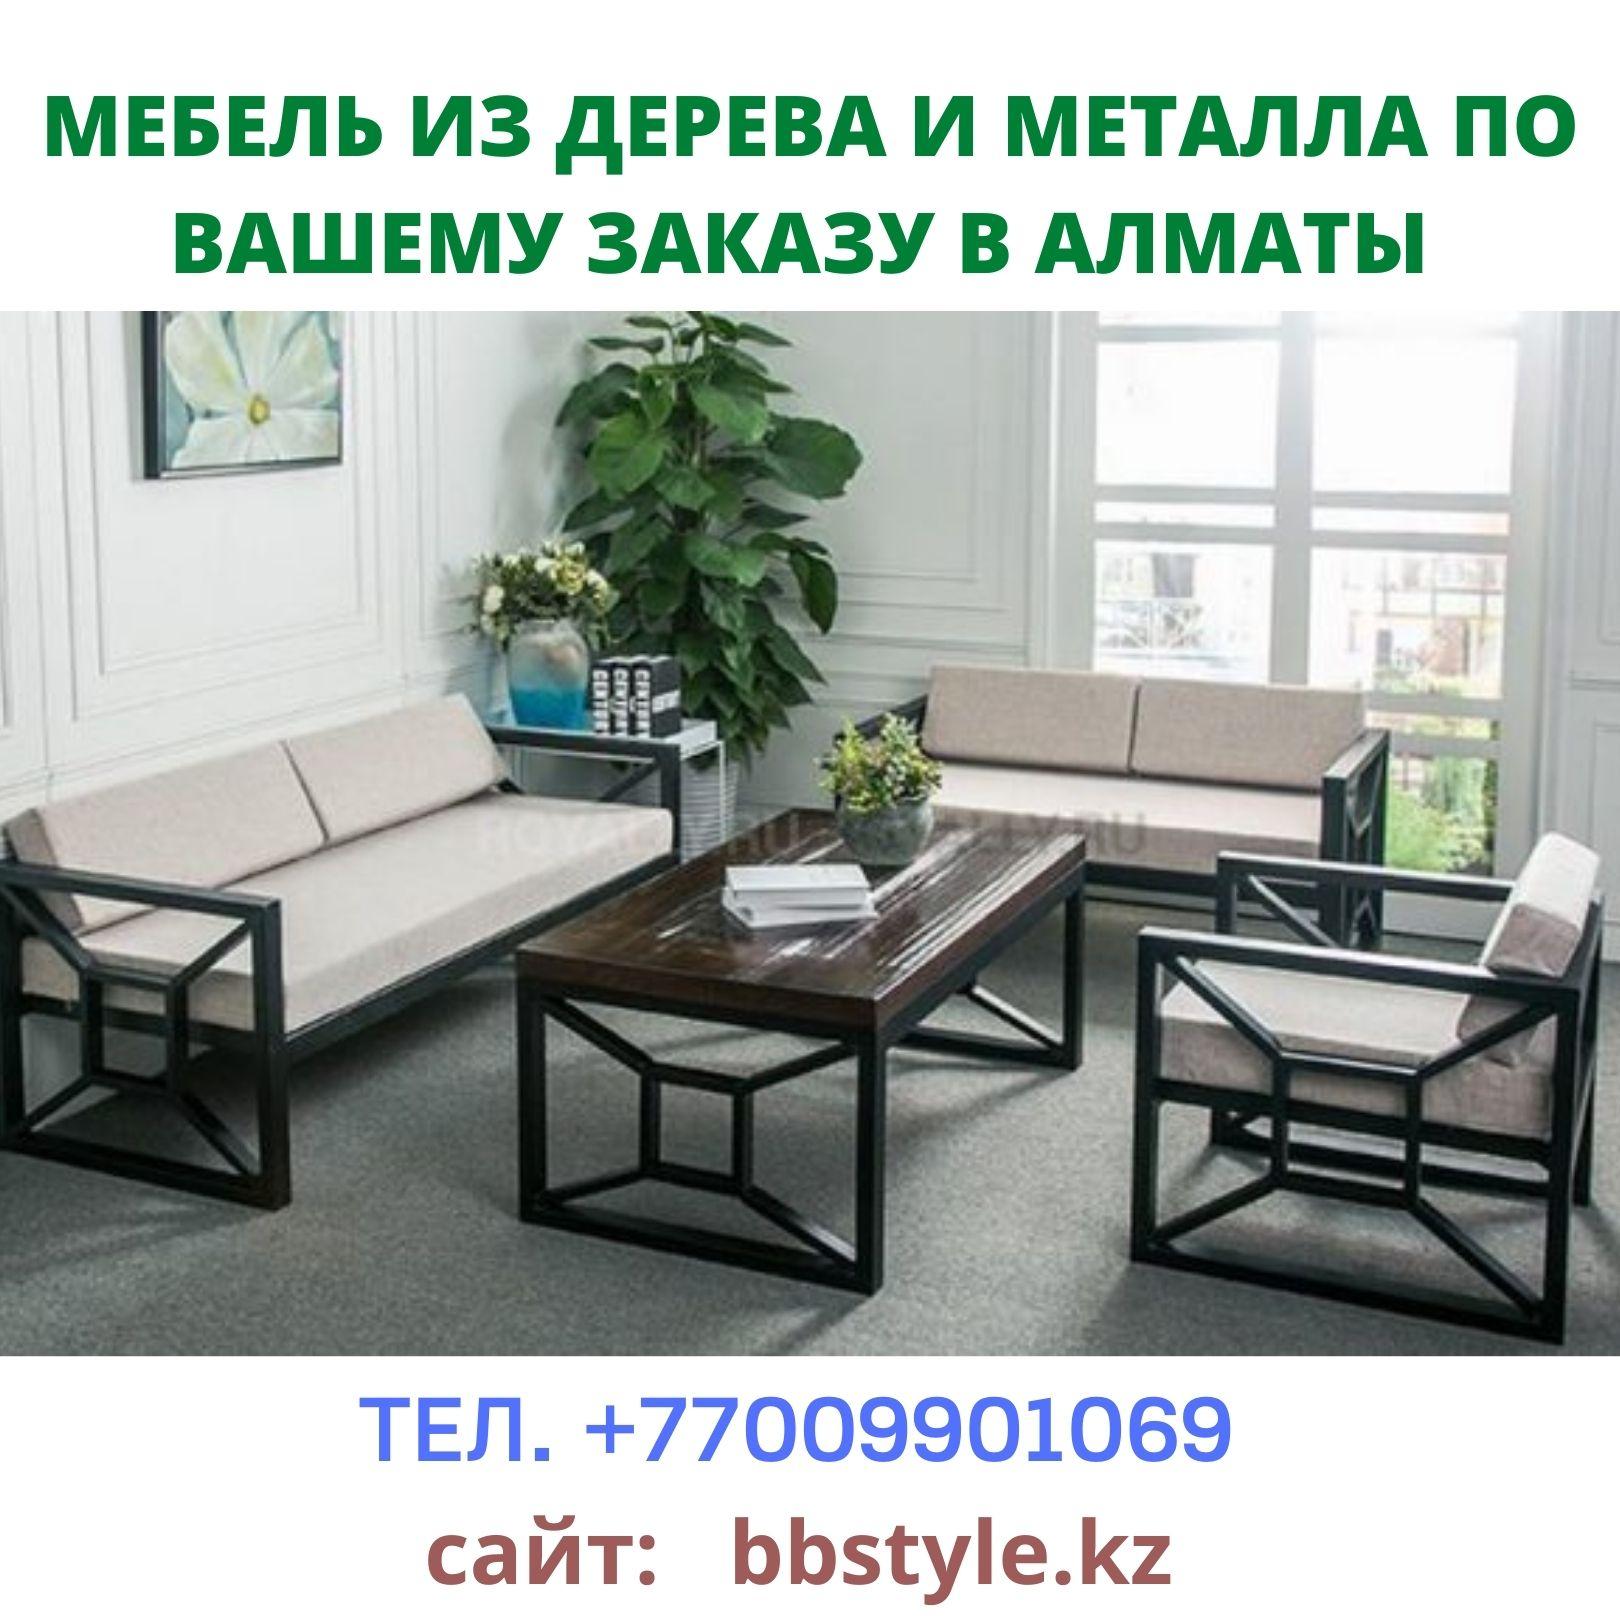 Лучшая мебель из дерева и металла на заказ в Алматы, +77009901069